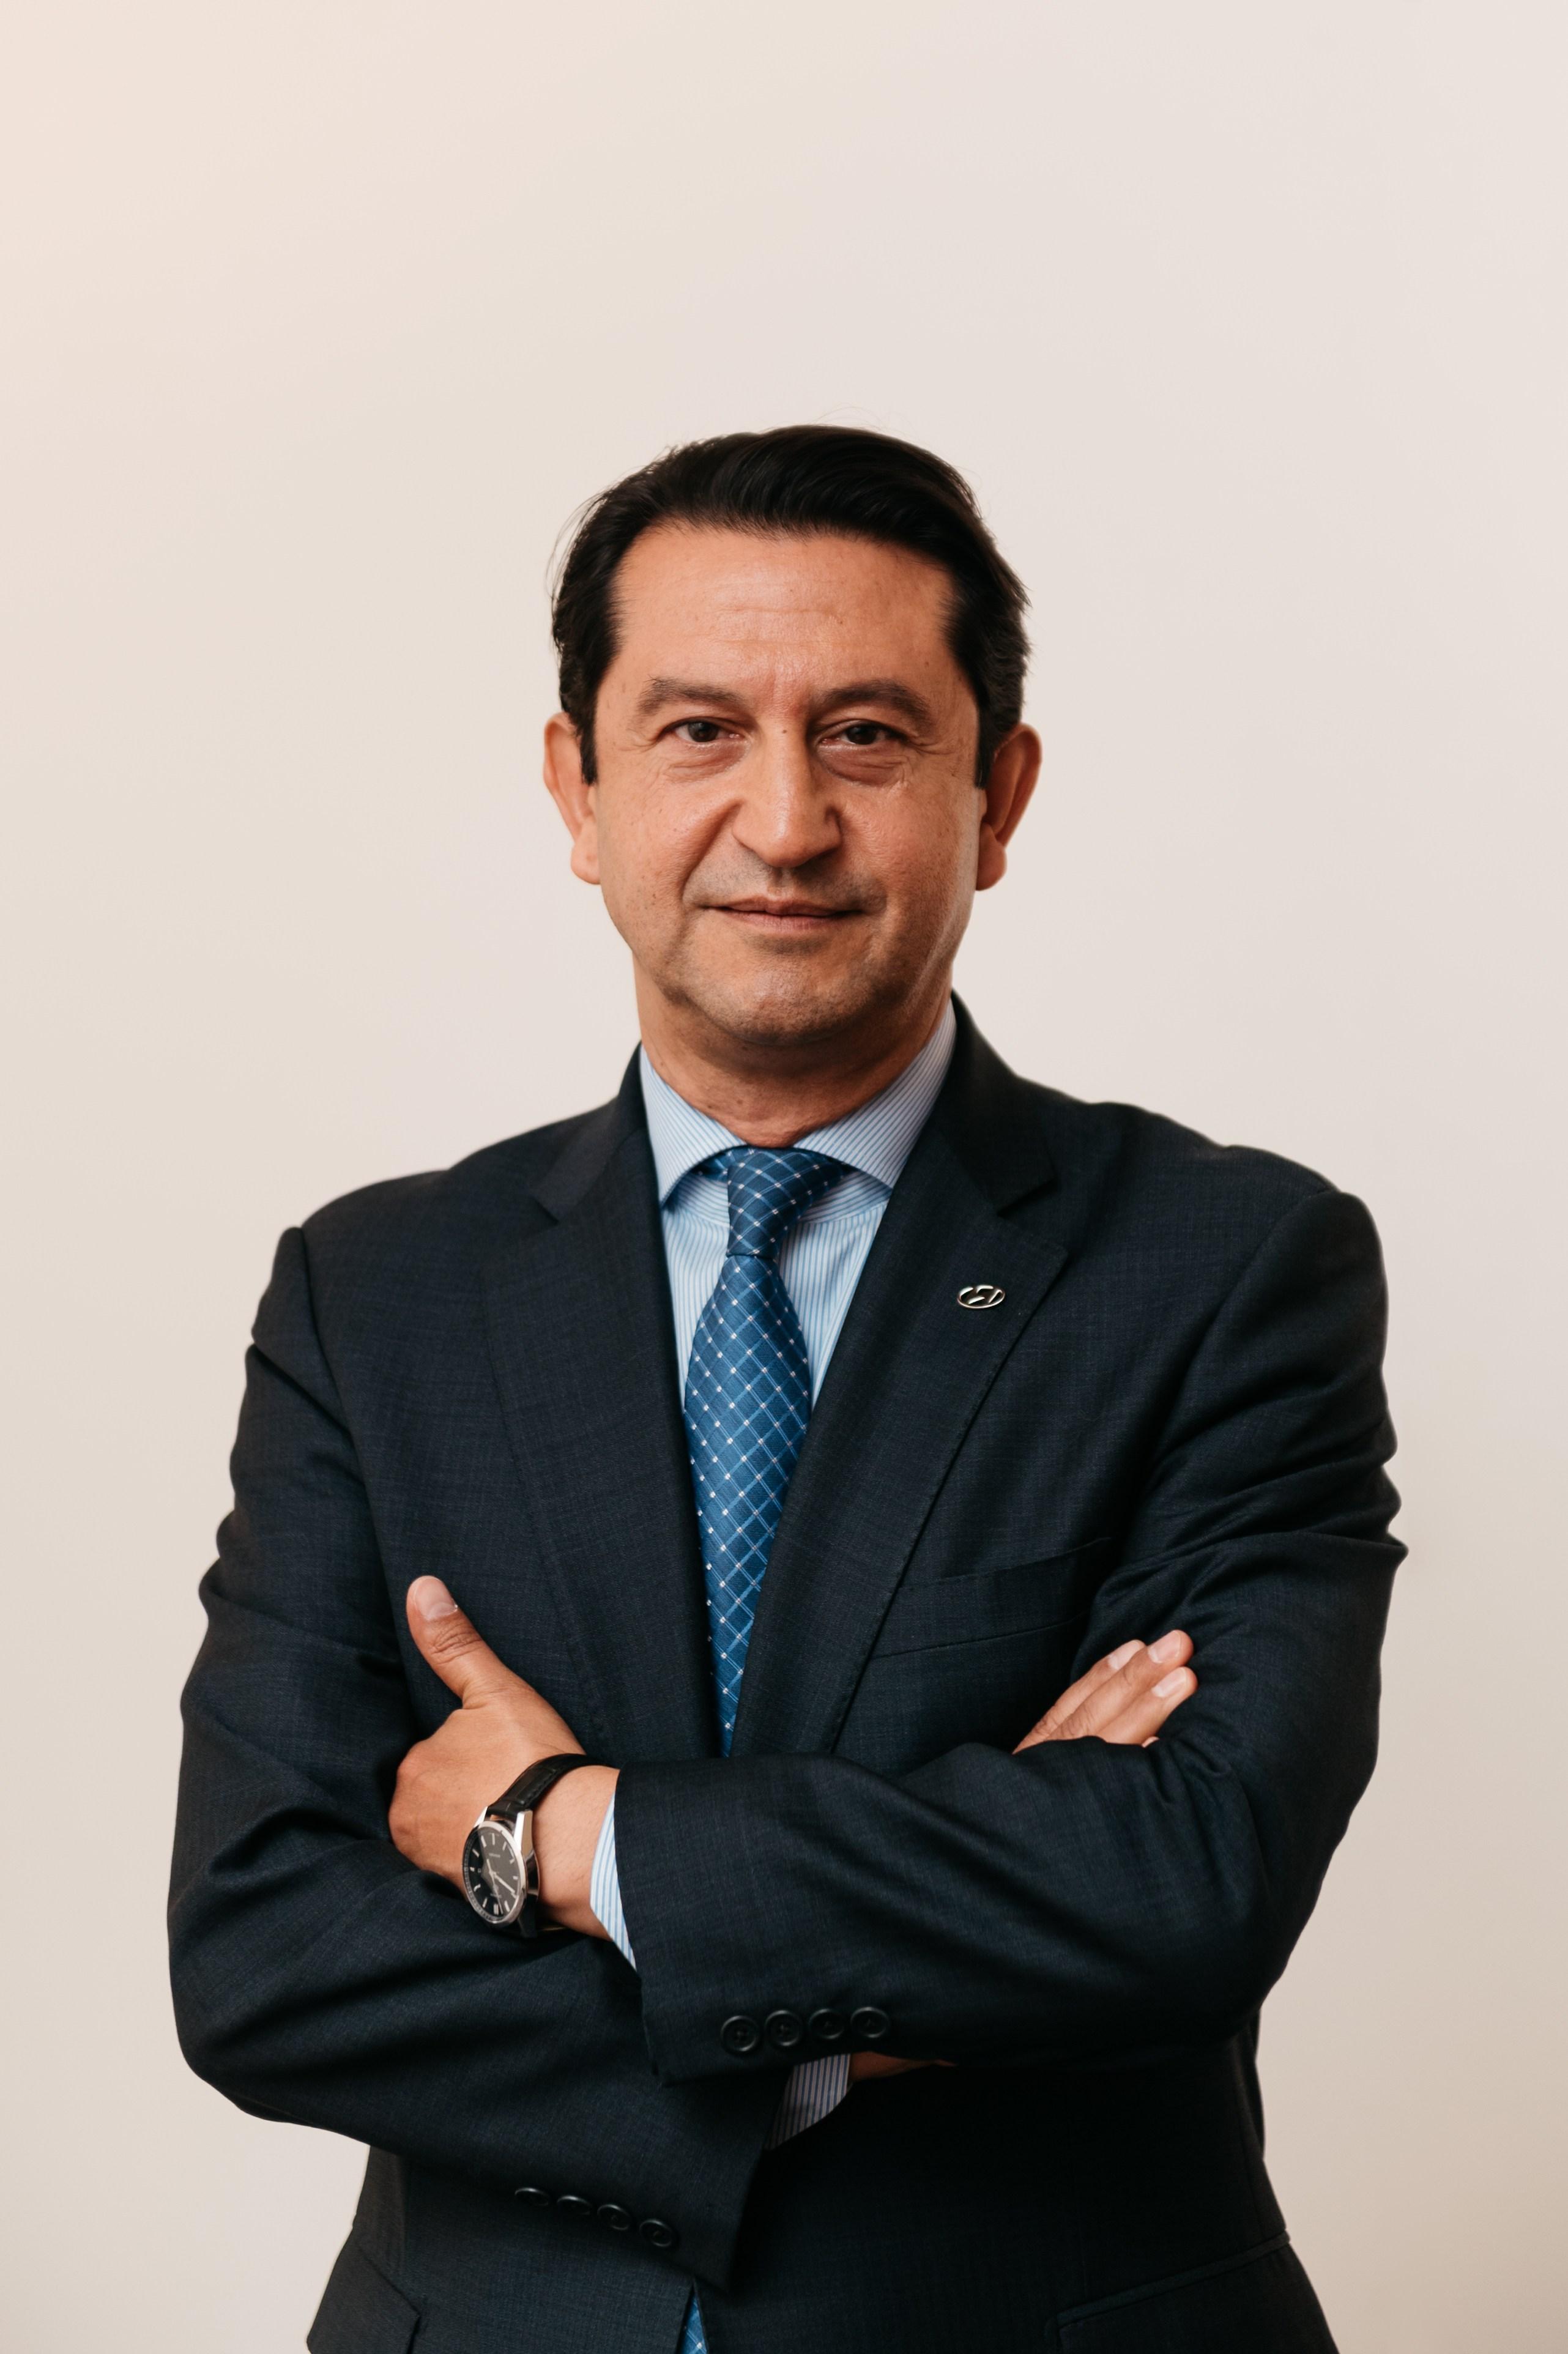 O José Muñoz αναλαμβάνει ηγετική θέση στη Hyundai